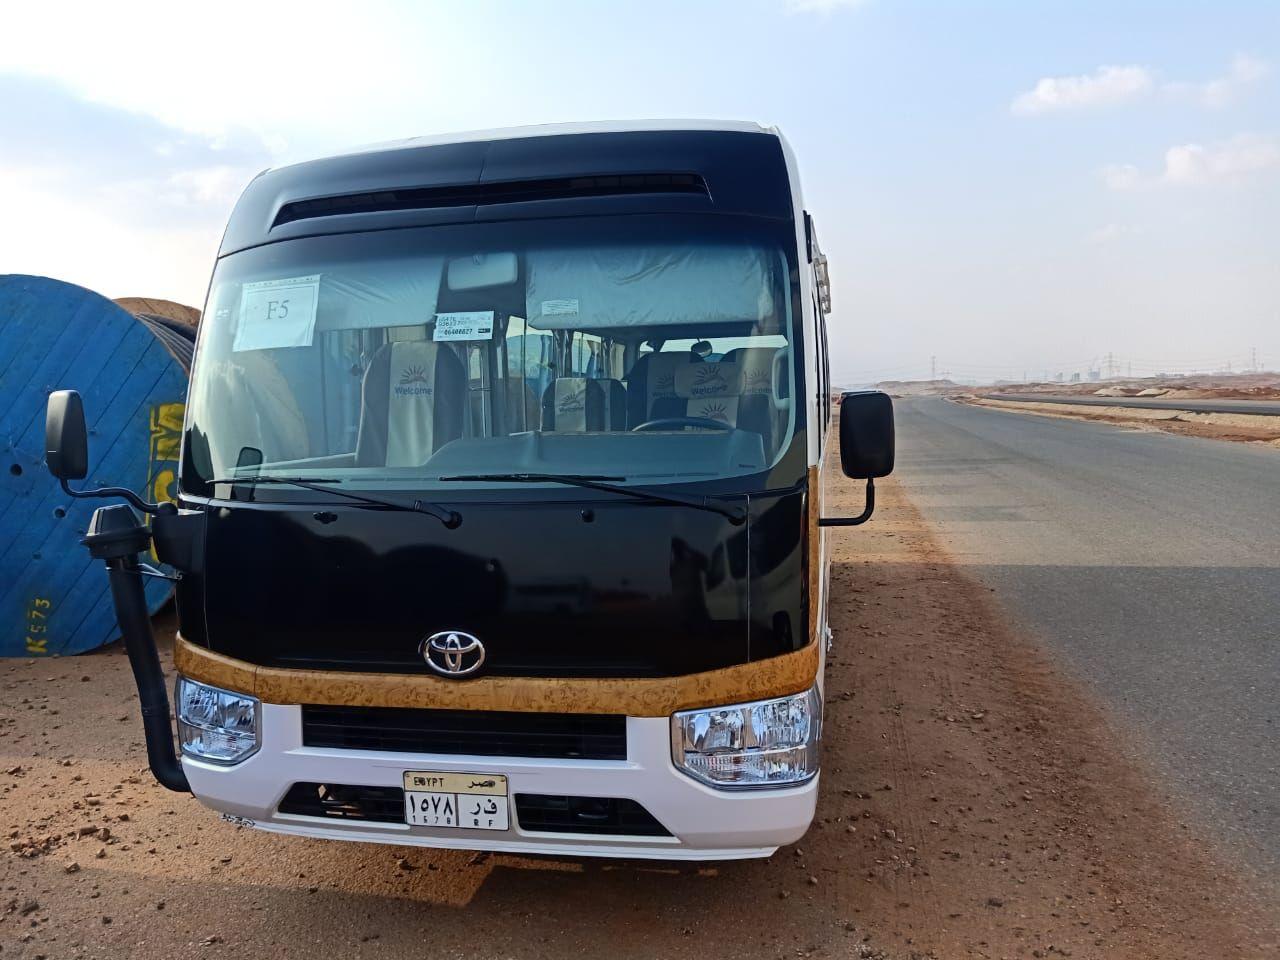 ايجار تويوتا كوستر 2020 01003203210 Vehicles Bus